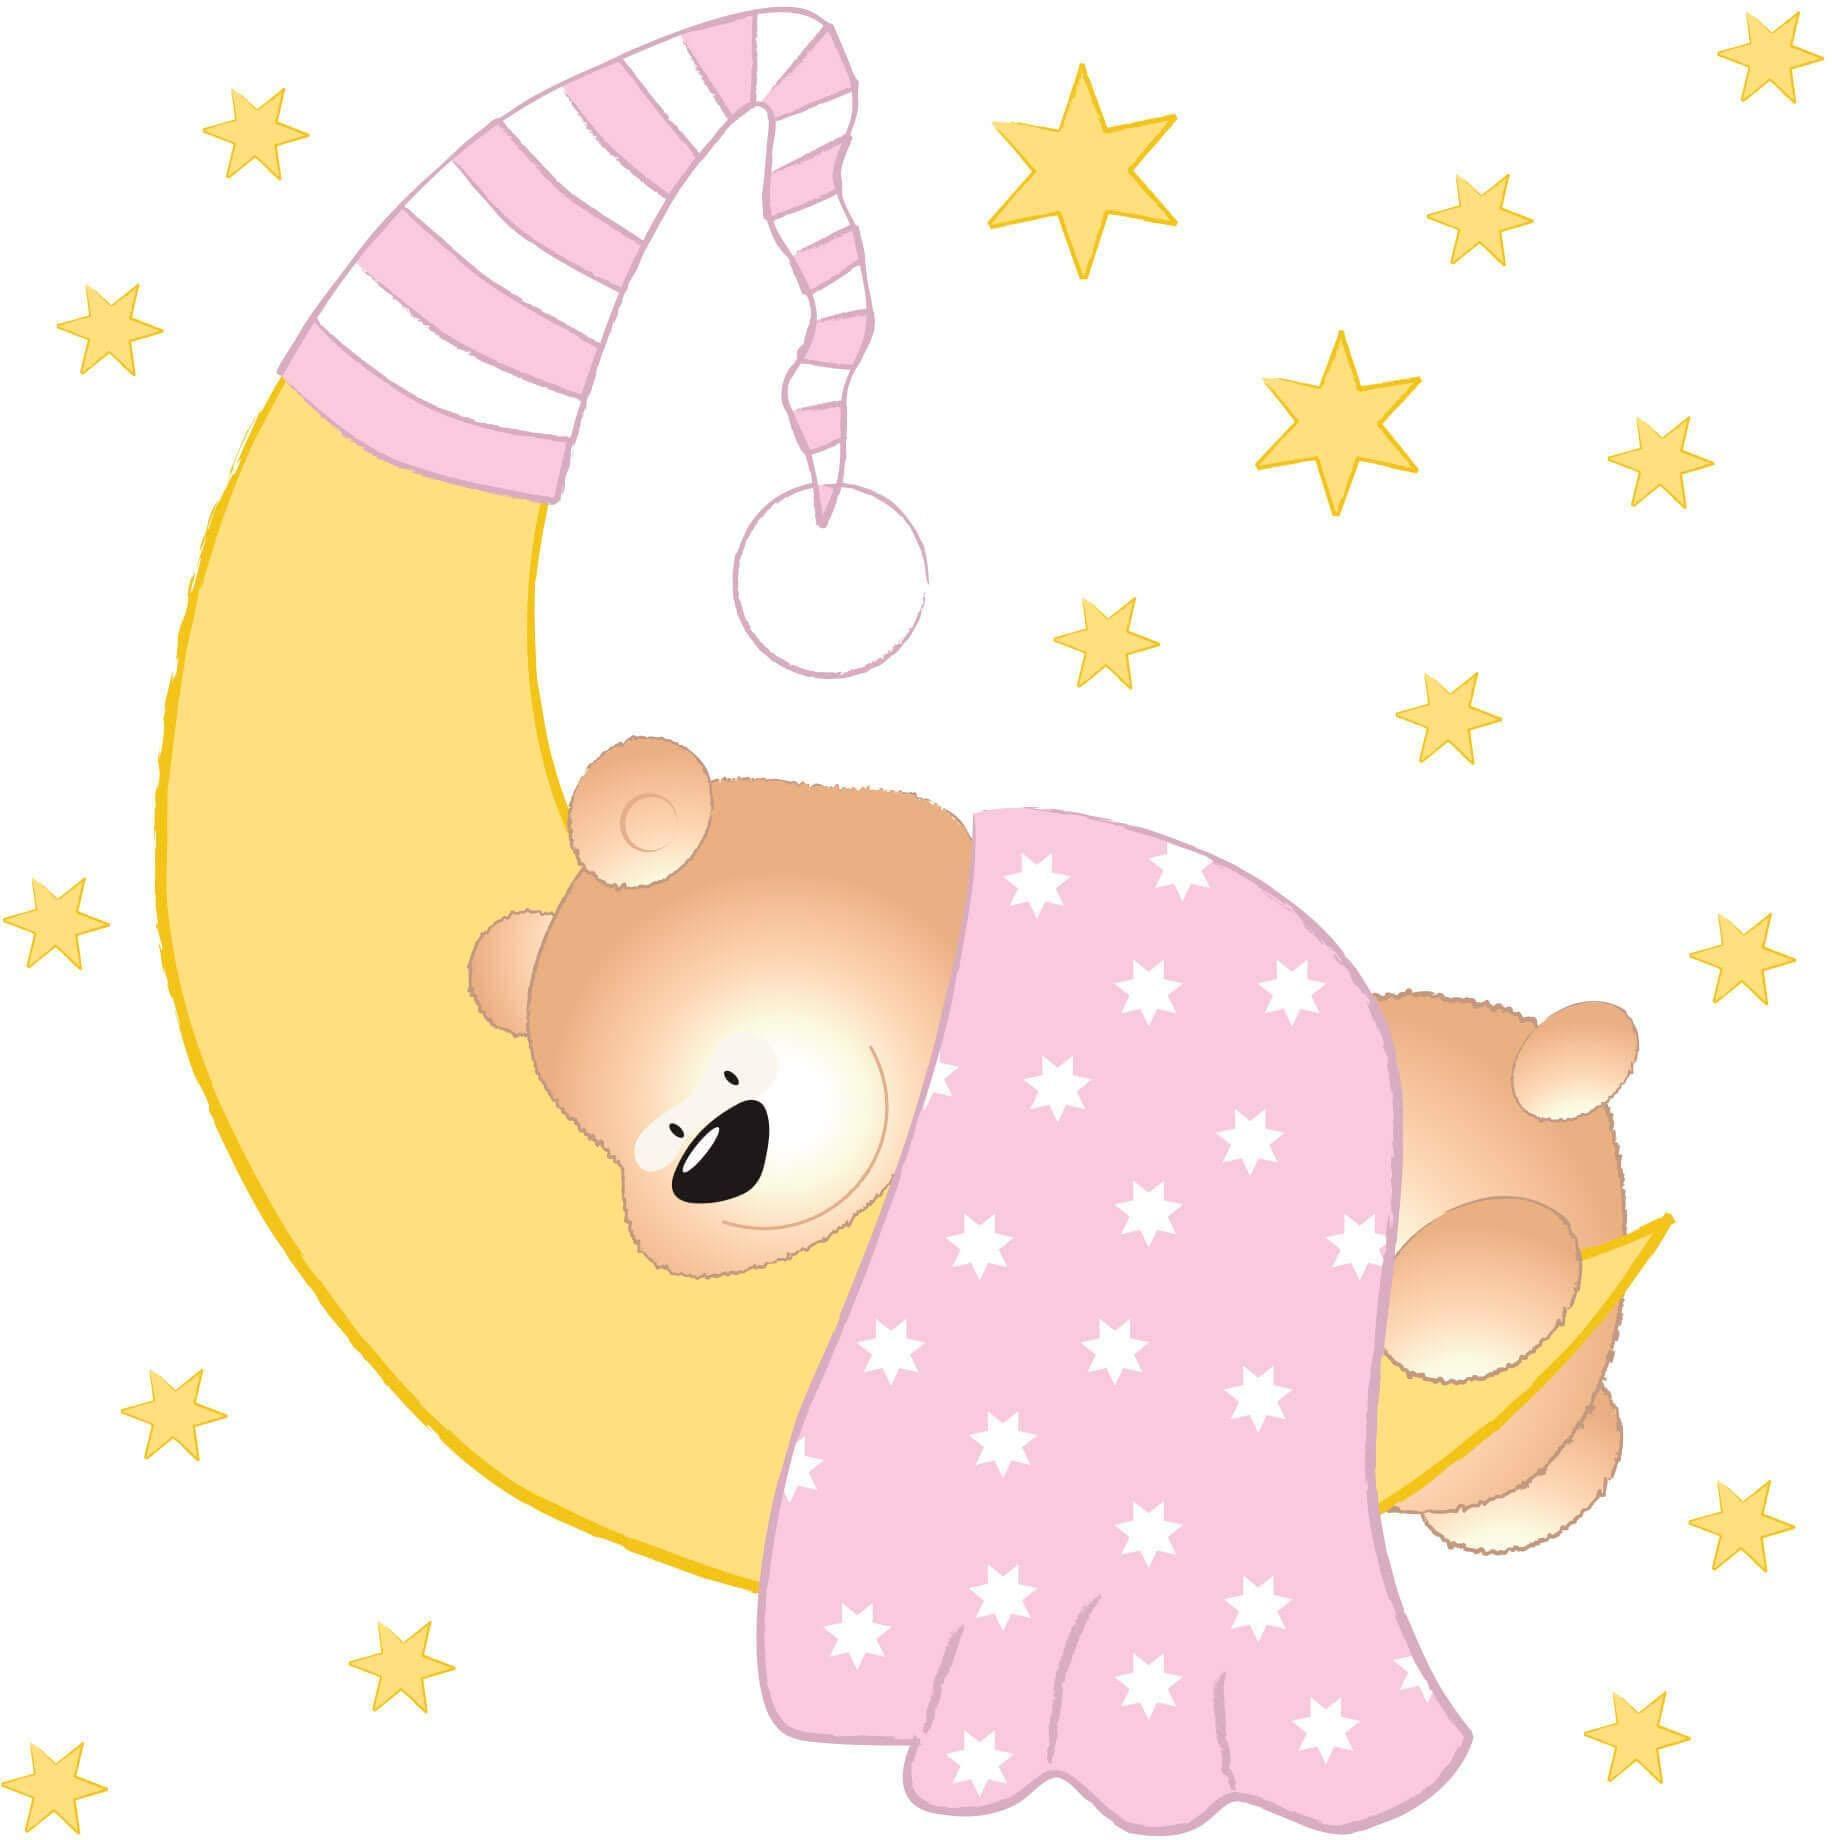 Wandtattoo Bärchen Mond und Sterne Wohnen/Accessoires & Leuchten/Wohnaccessoires/Wandtattoos und Wandsticker/Wandtattoos Tiere